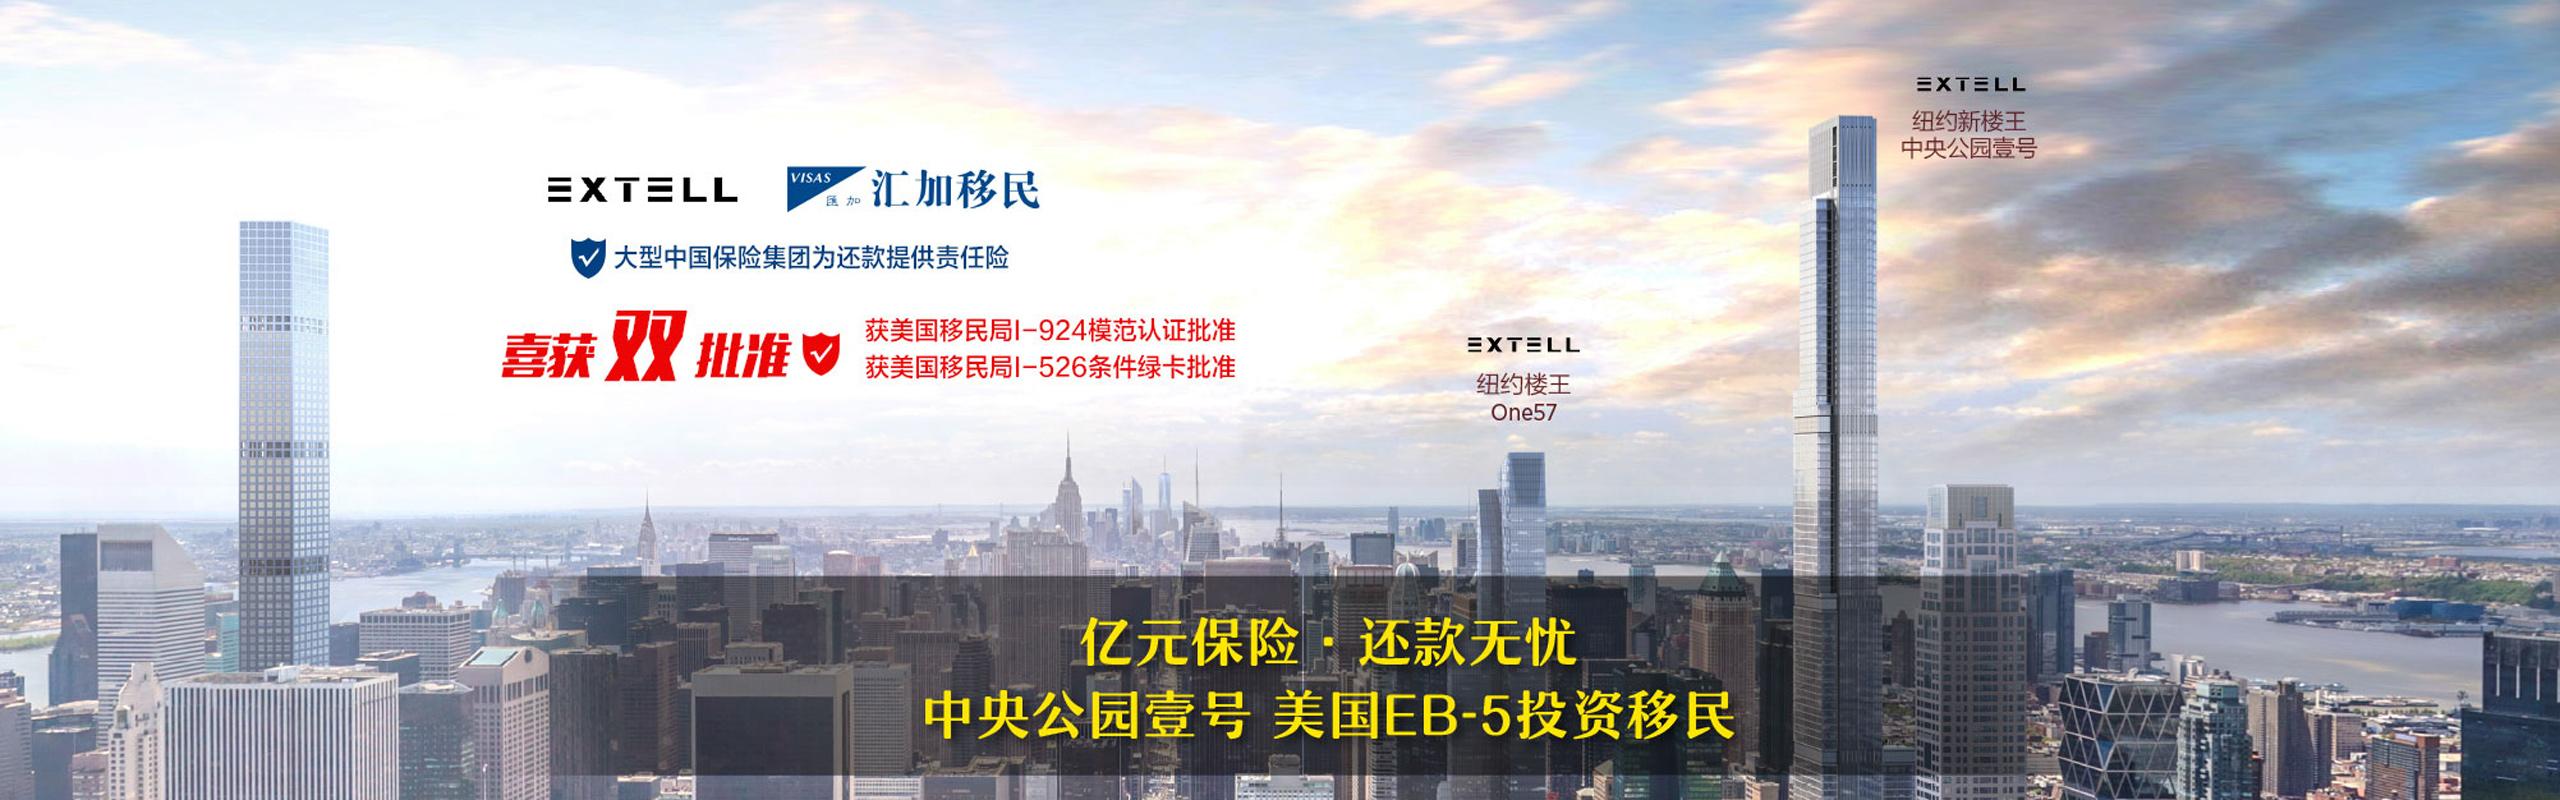 亿元保单·还款无忧<br/>纽约中央公园壹号,大型中国保险集团为还款提供责任险